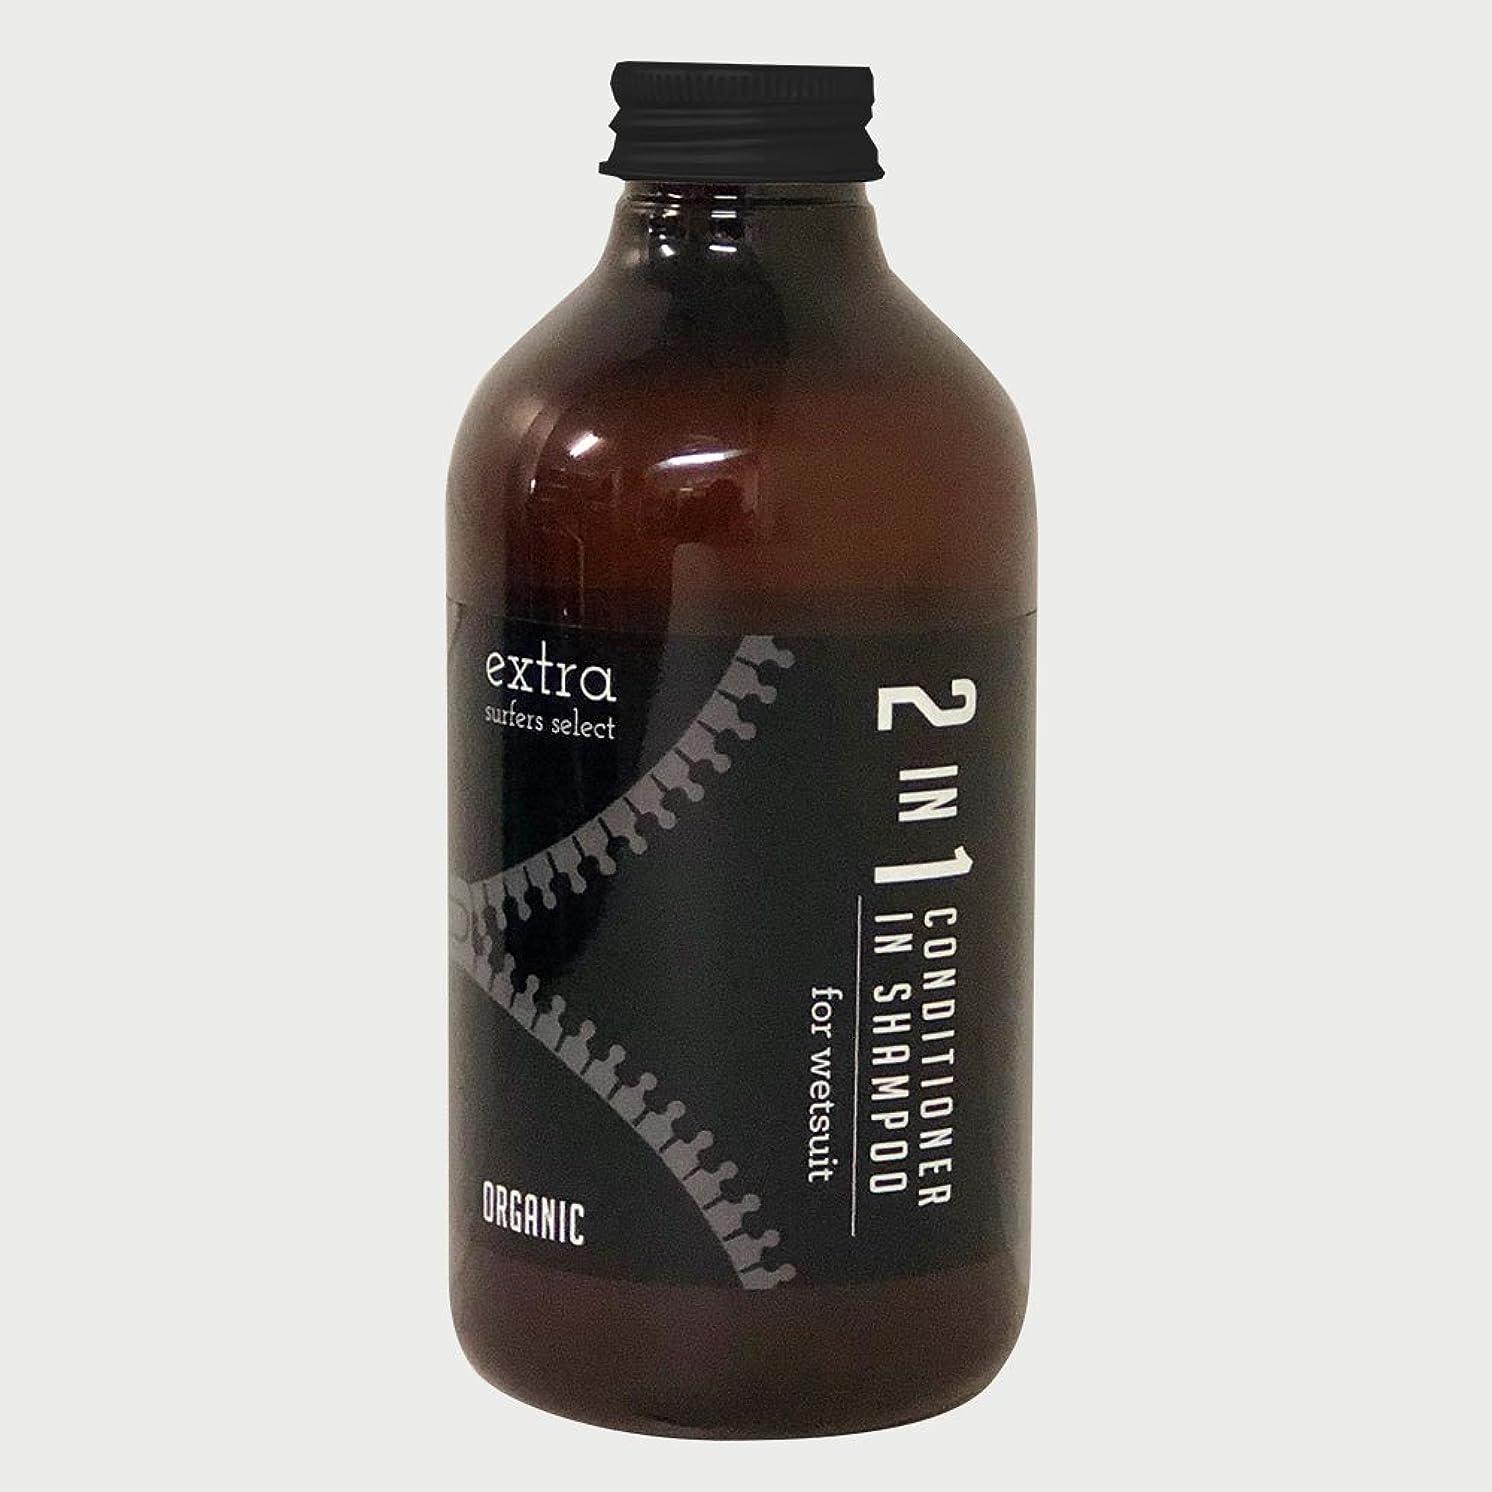 確認恥ずかしさ世界の窓EXTRA エクストラ サーフィン ウェットコンディショナーインシャンプー Wet Suits Conditioner in Shampoo Organic 2in1 オーガニック Z-04X00000013